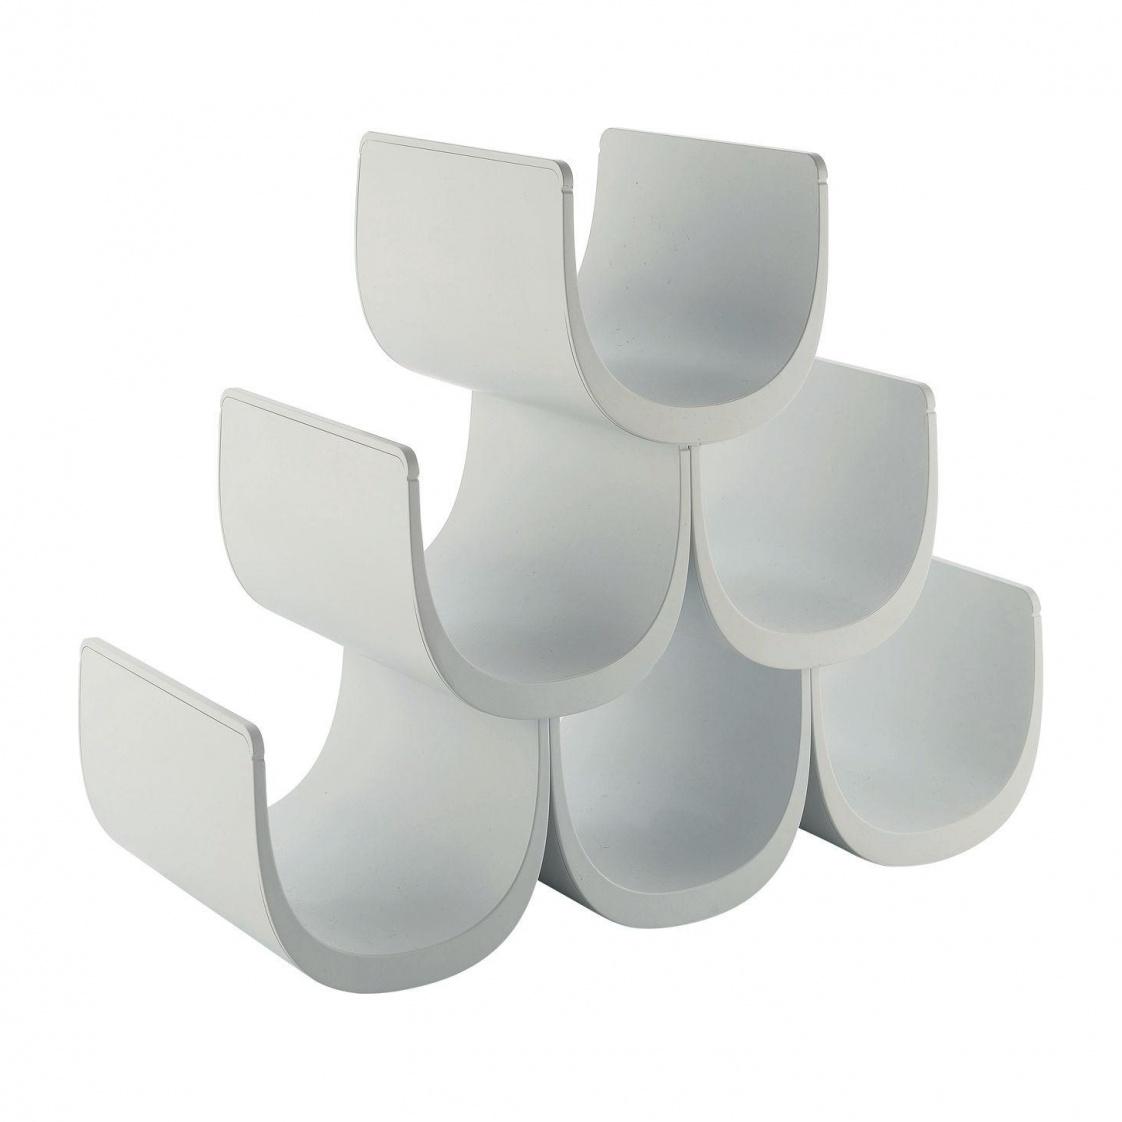 Alessi - Noè Flaschenregal - weiß/mit Baukastensystem   Küche und Esszimmer > Küchenregale > Weinregale   Weiß   Kunstharz   Alessi